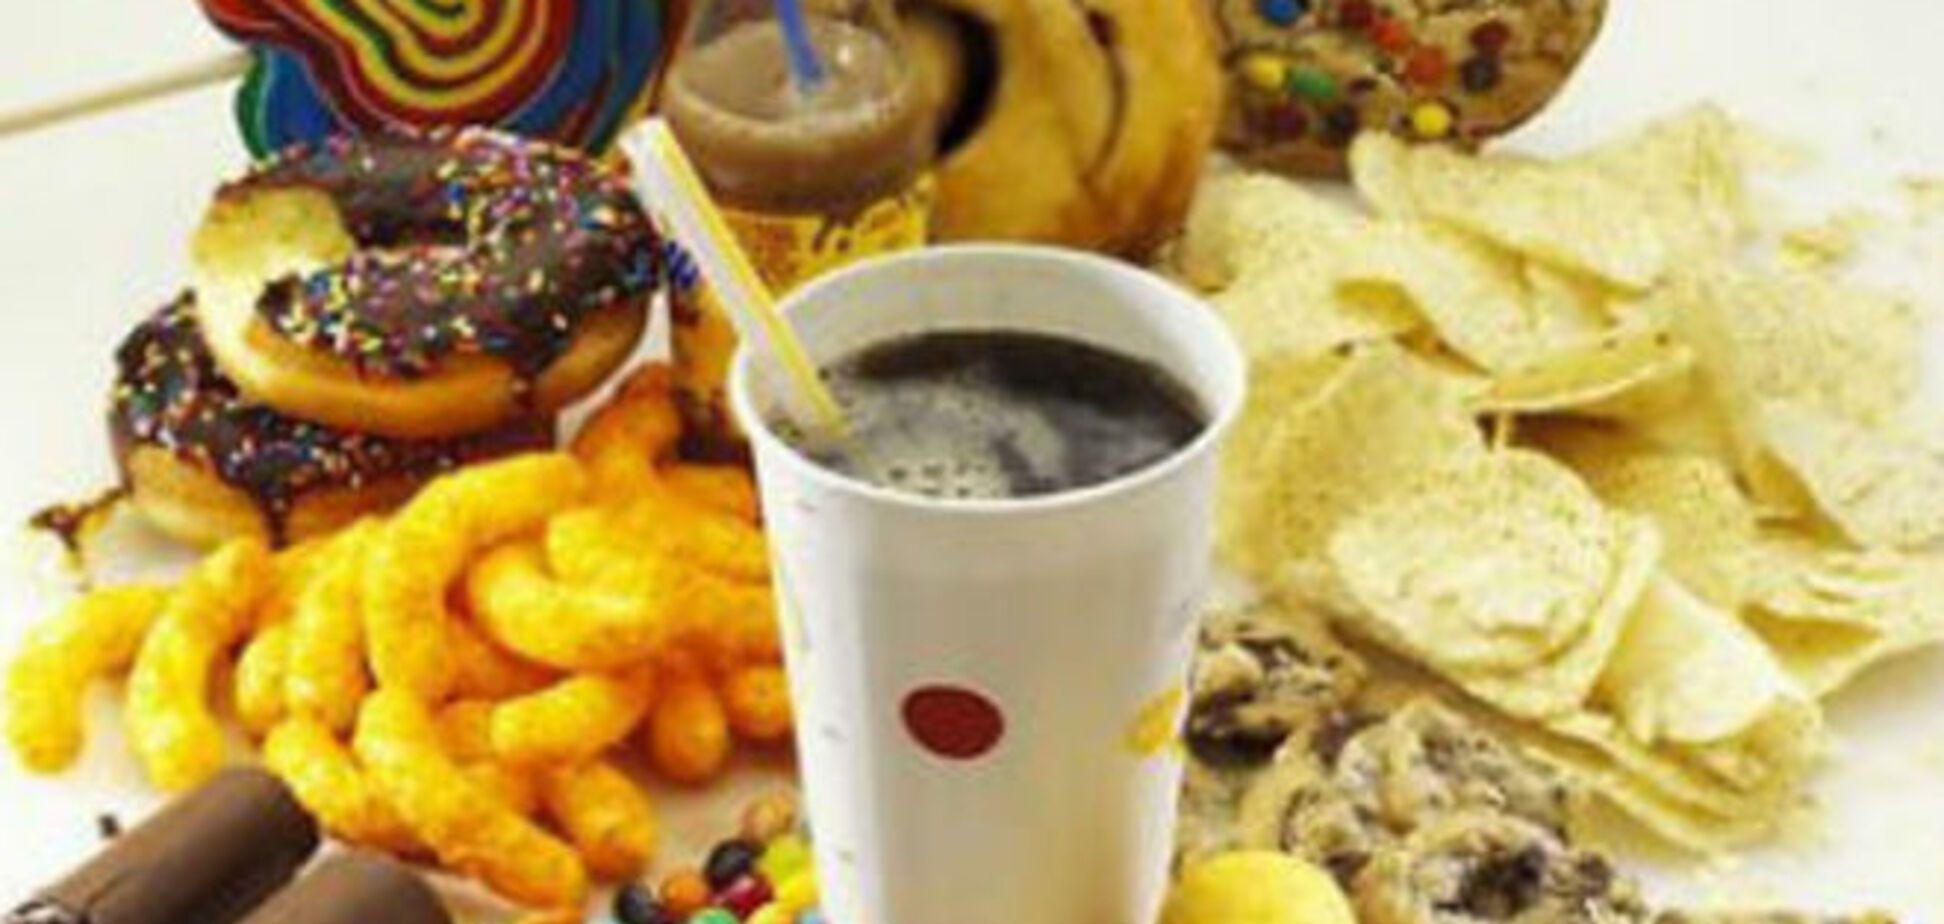 10 неприятных фактов о нашей любимой еде